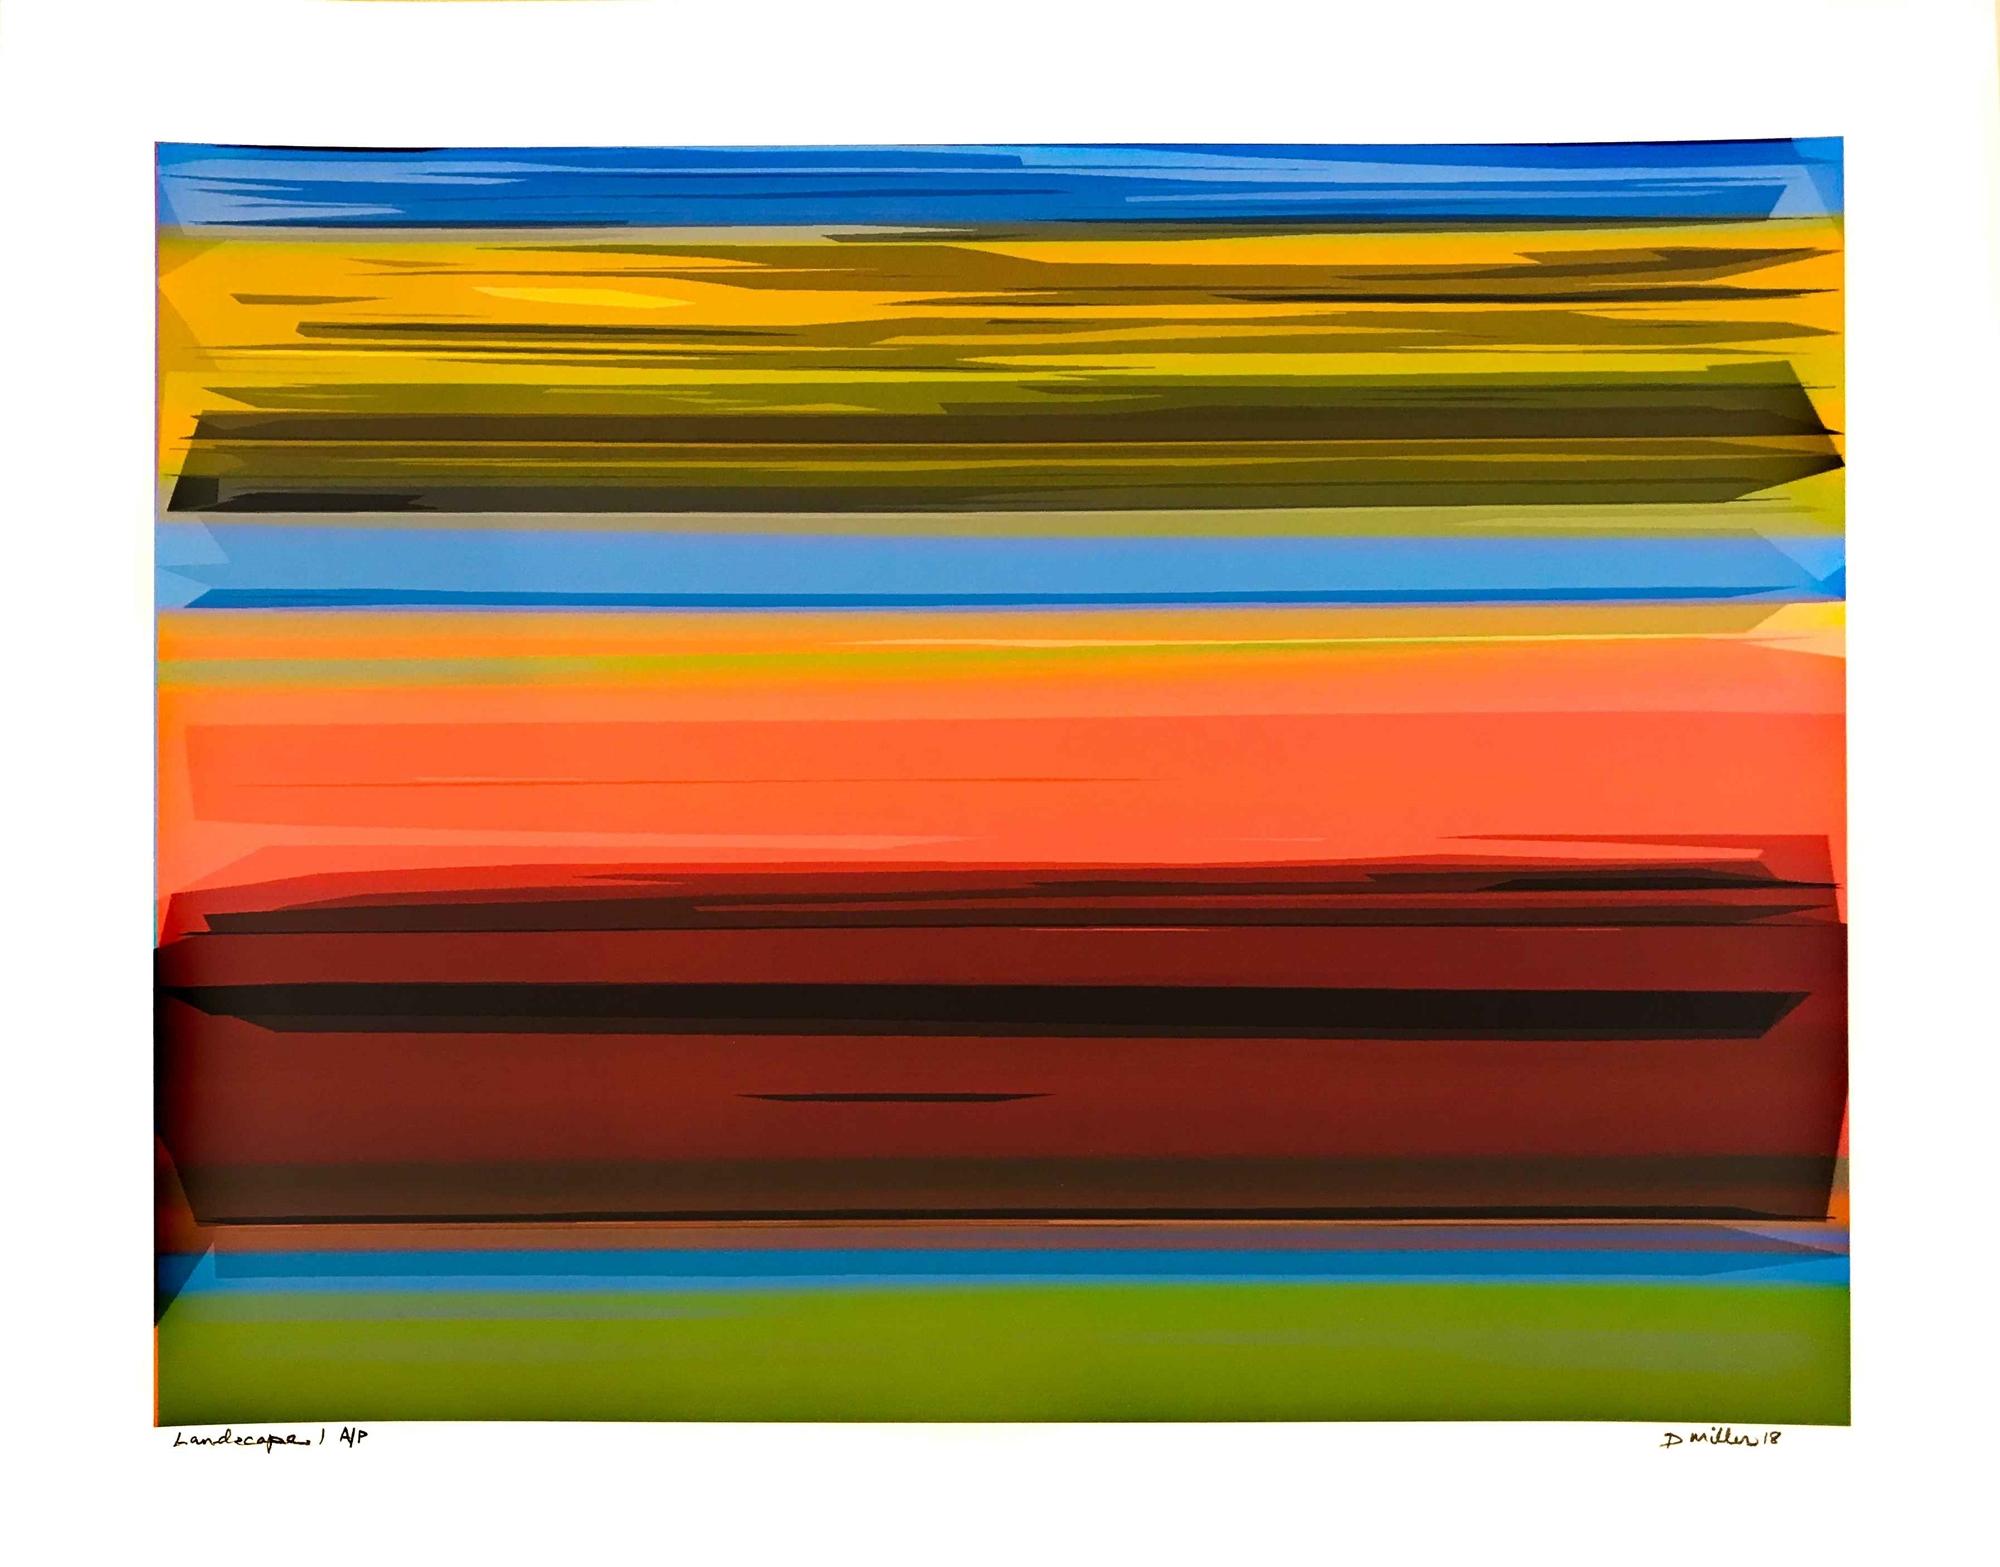 Landscape by David Miller